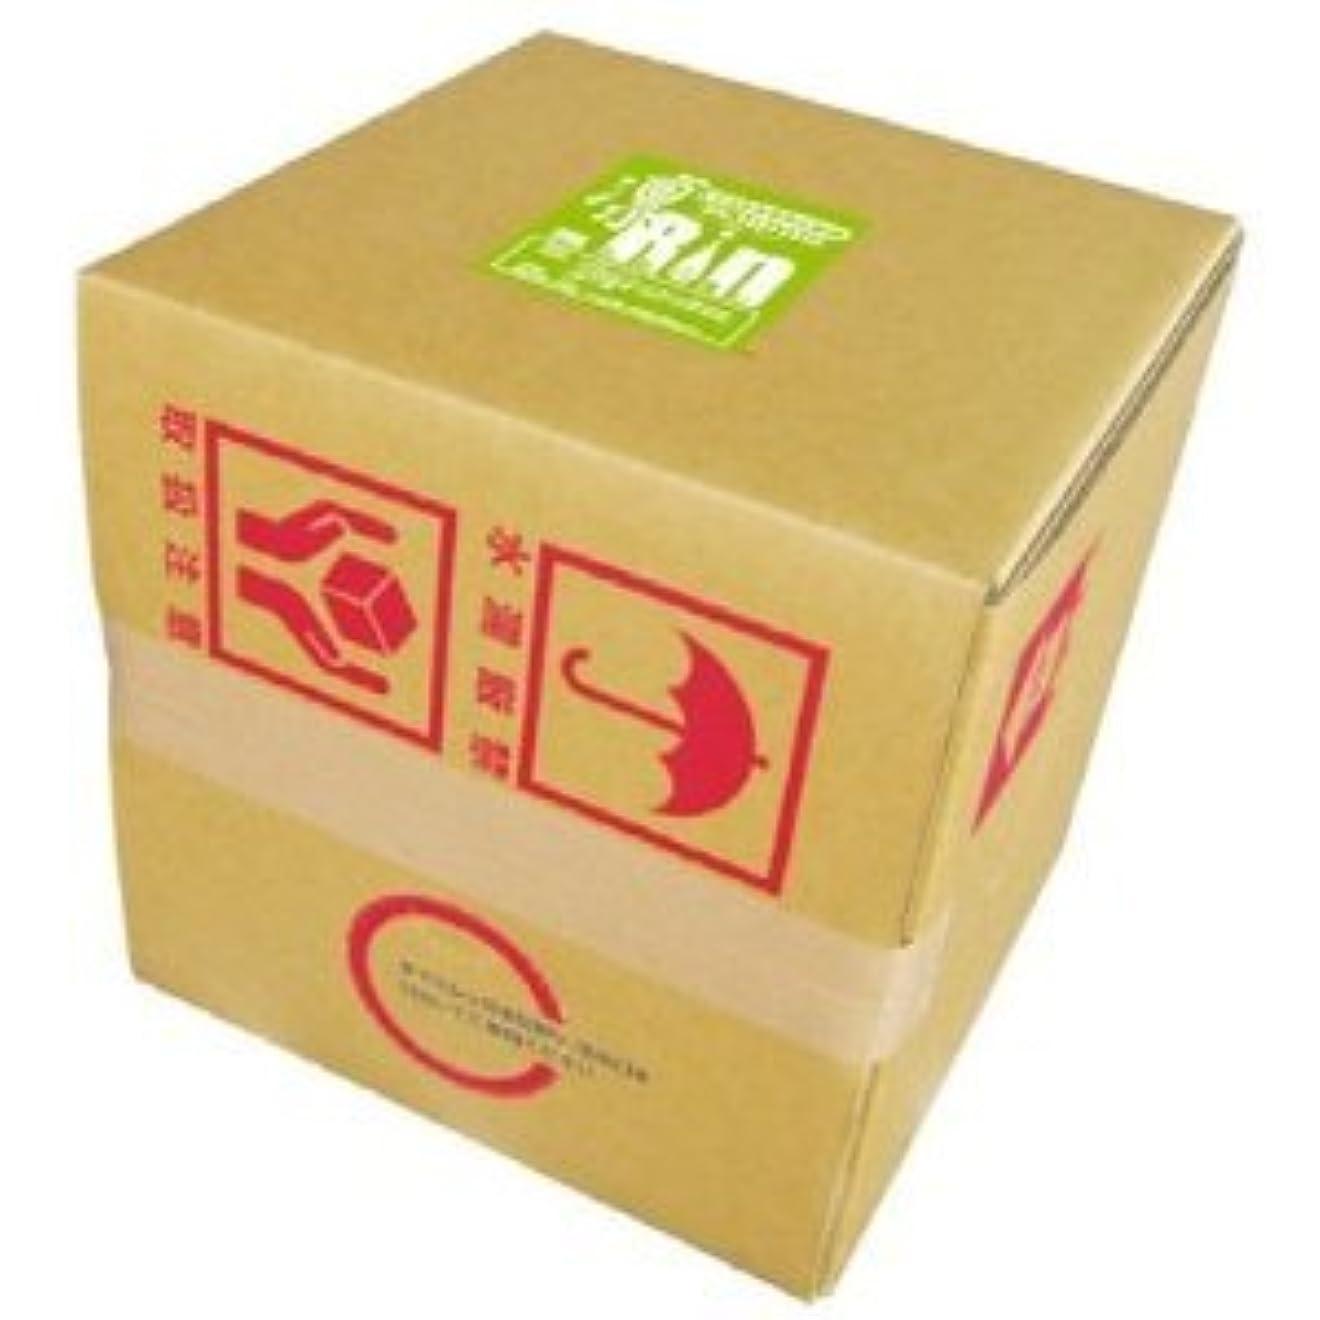 切り刻む舗装マイクロくさの葉化粧品 ボディソープ 凛 20リットル 箱